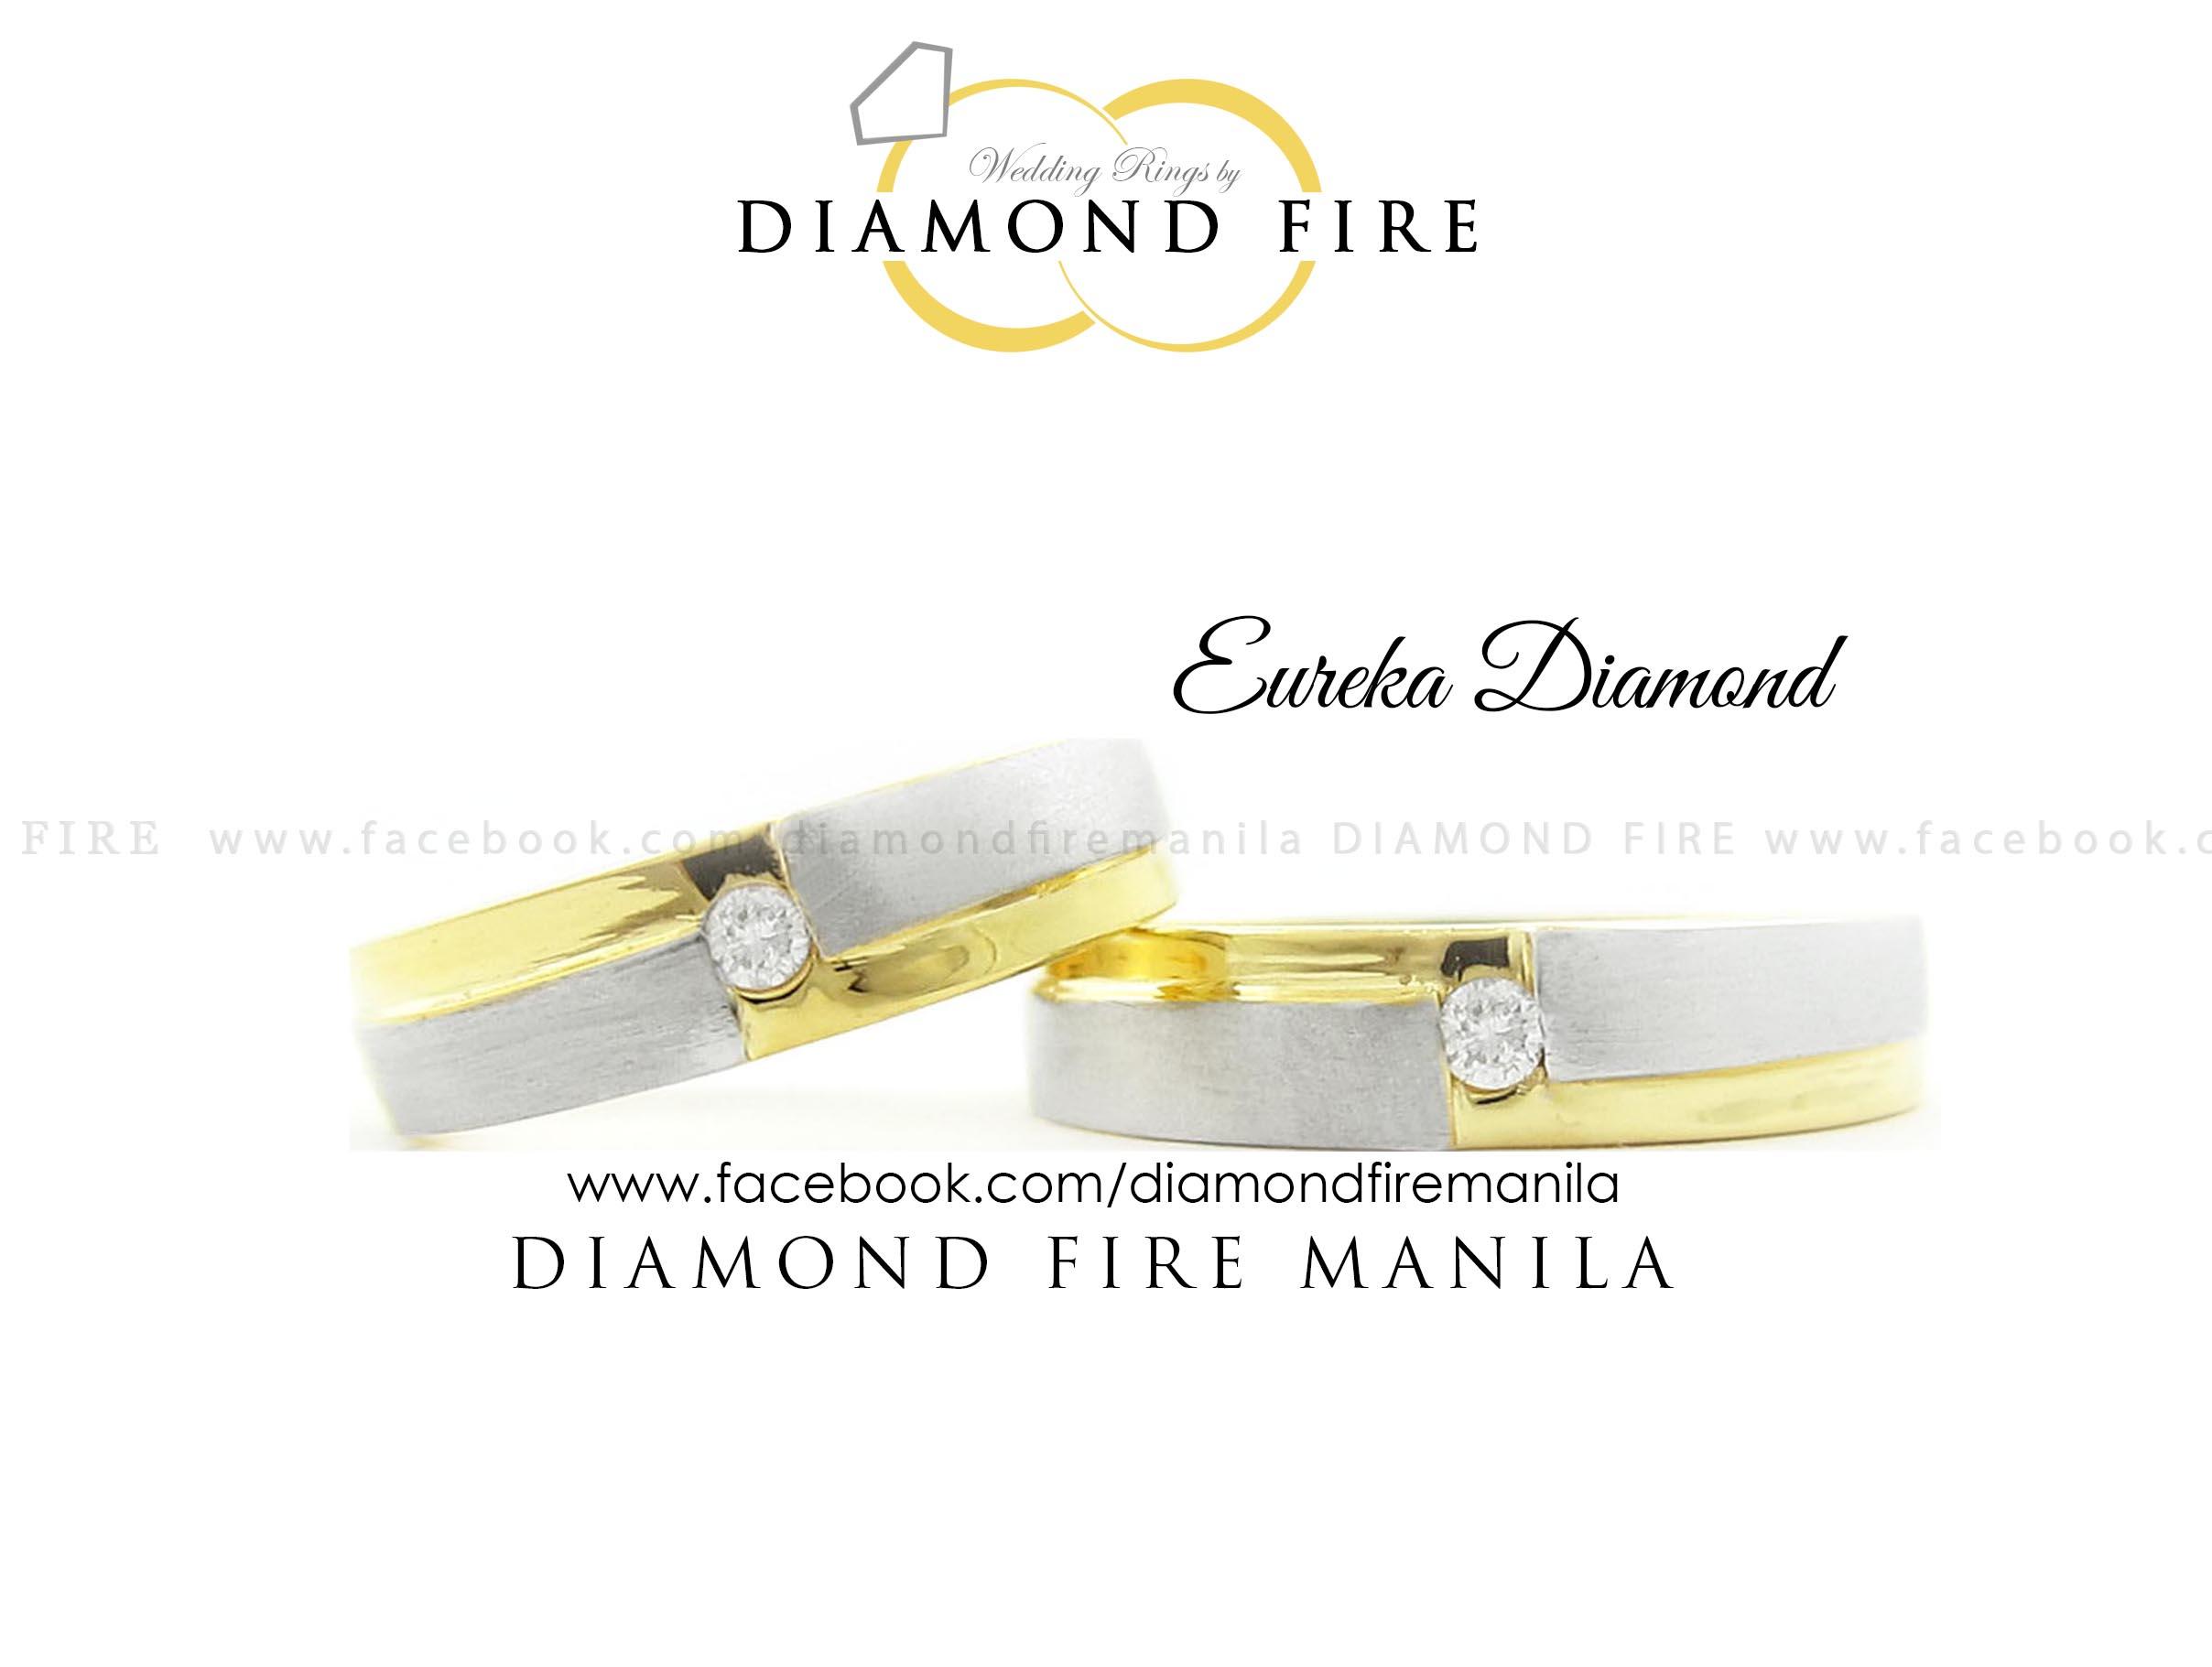 WRDIA25-Eureka Diamond2